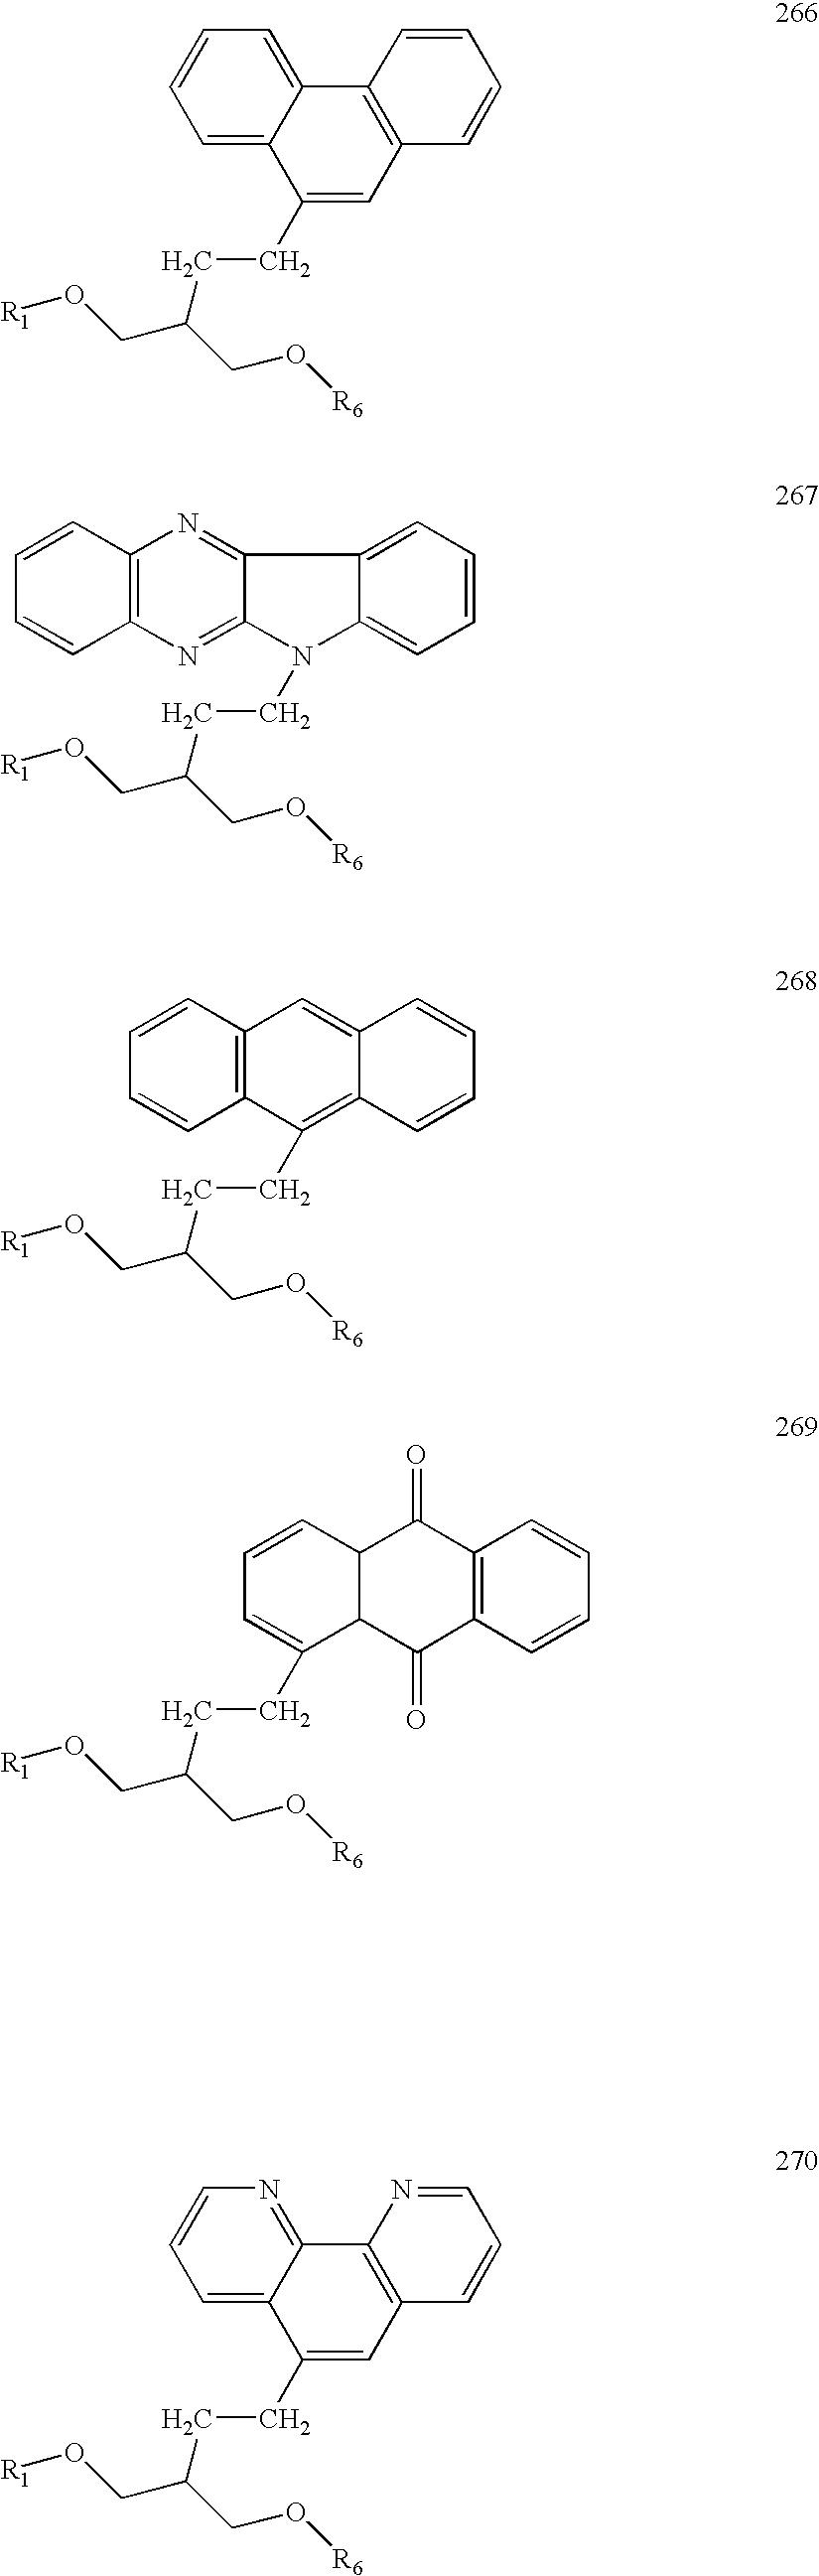 Figure US20060014144A1-20060119-C00146